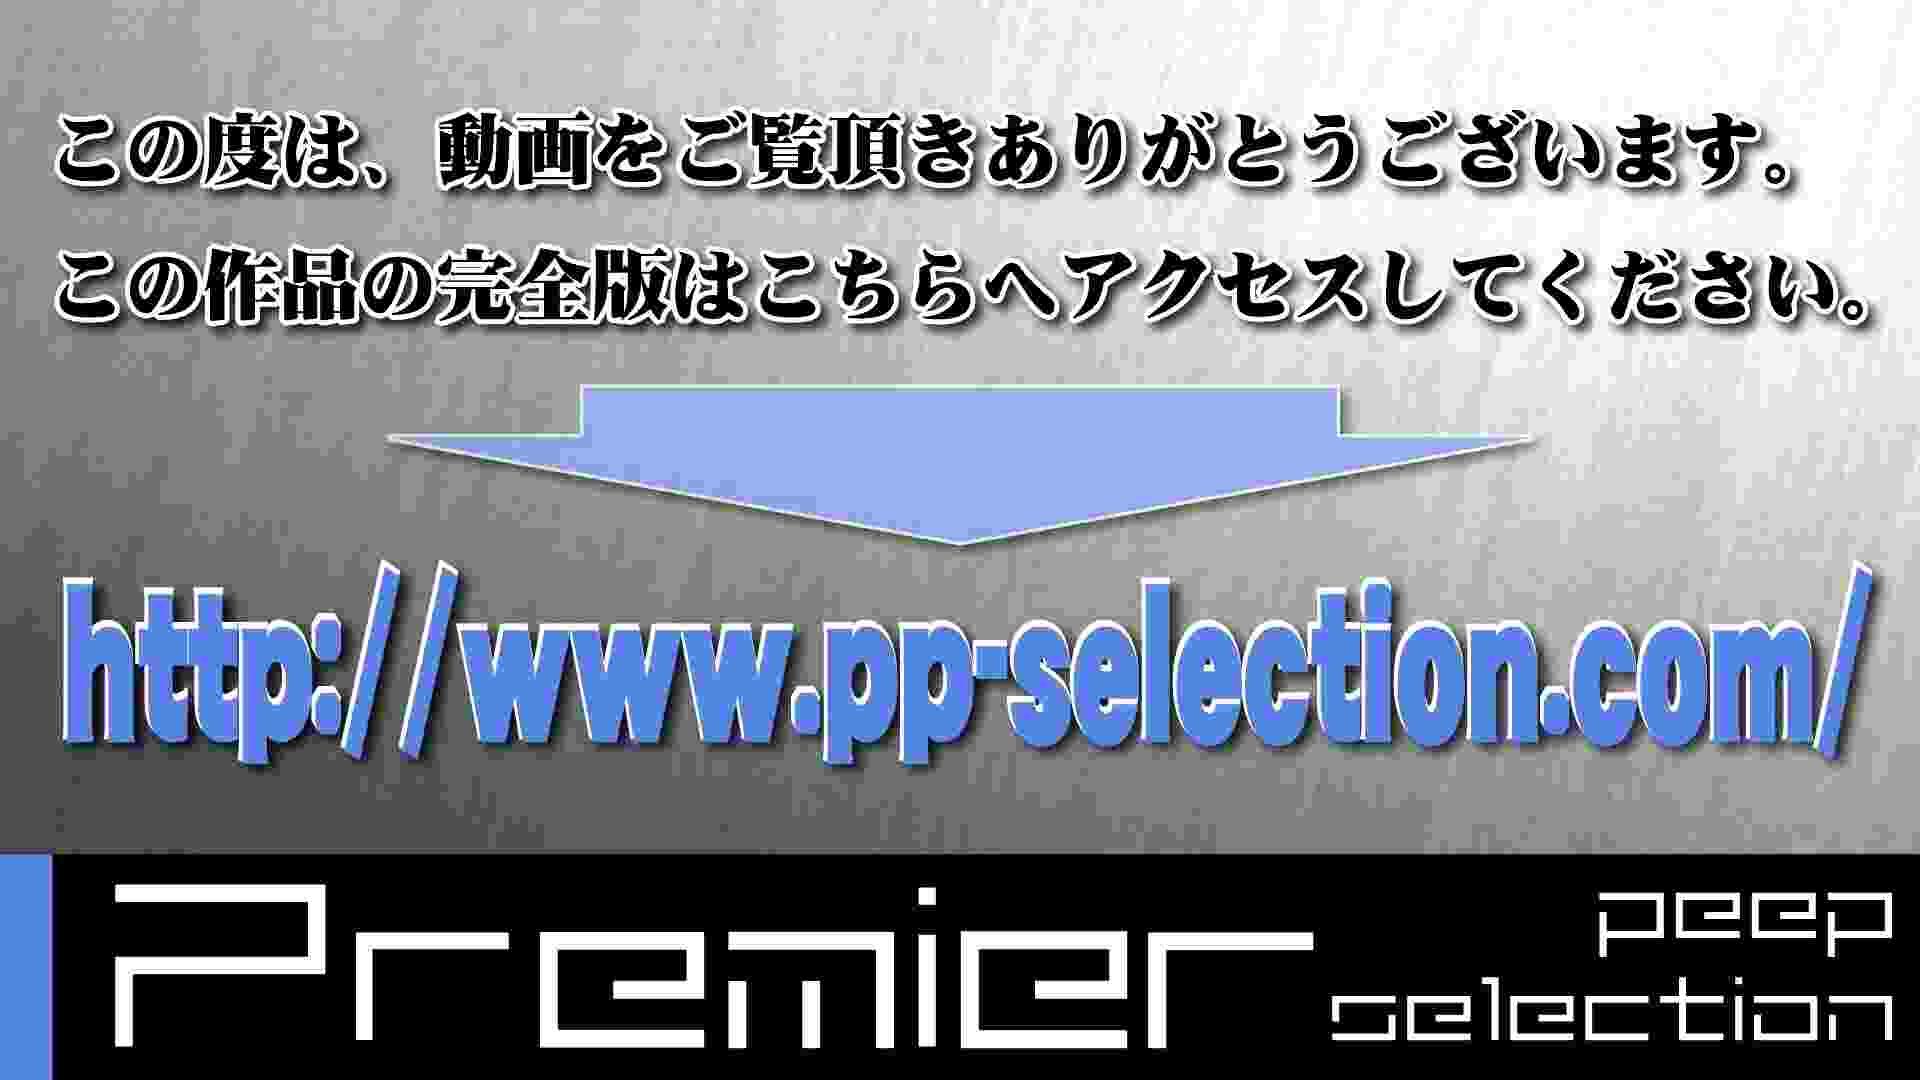 美しい日本の未来 本格編 高画質 エロ無料画像 112枚 23